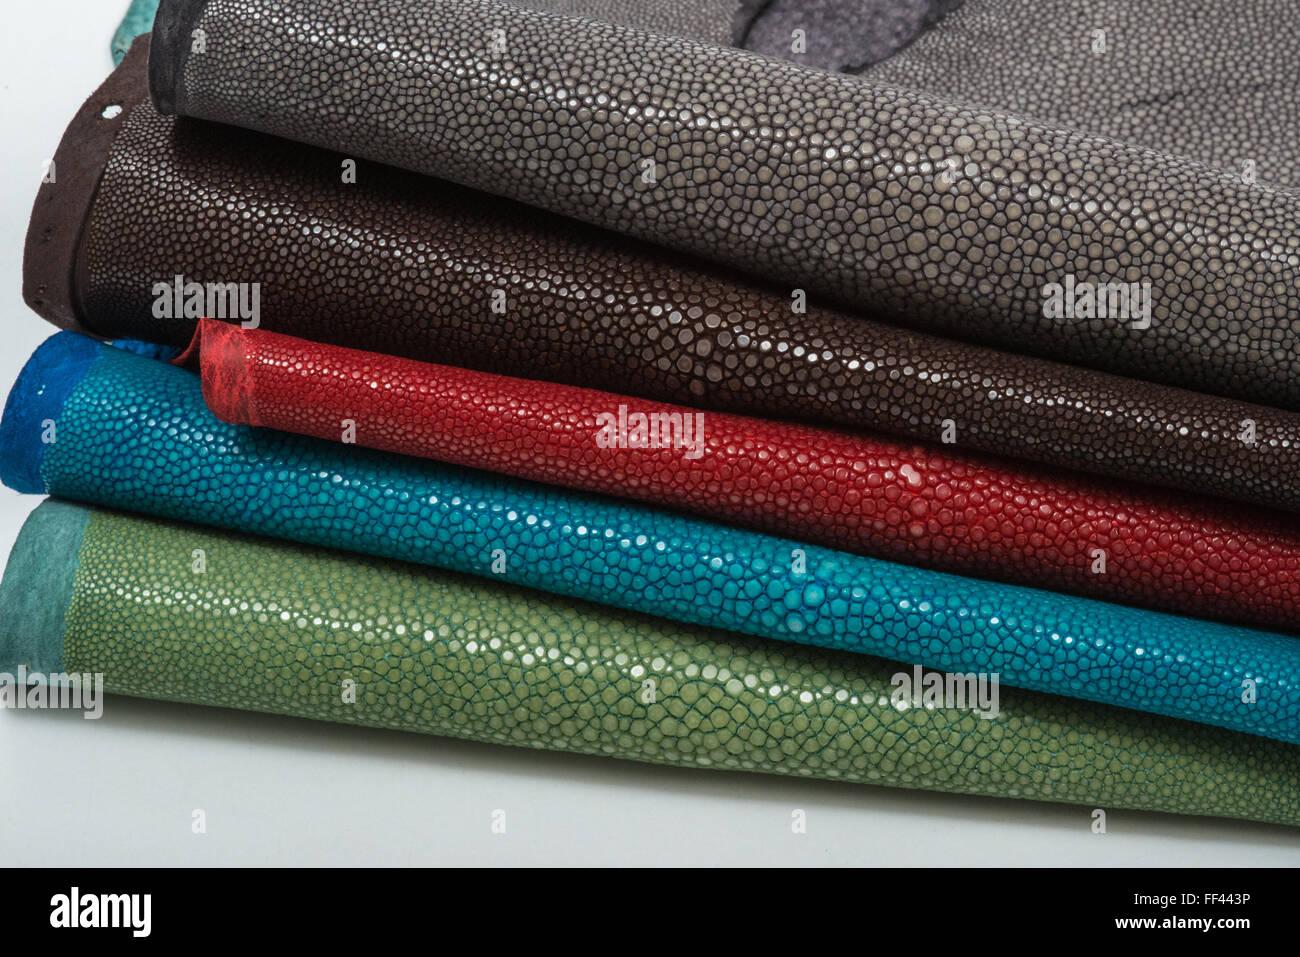 Ausgezeichnet Stingray Färbung Seite Bilder - Beispiel ...